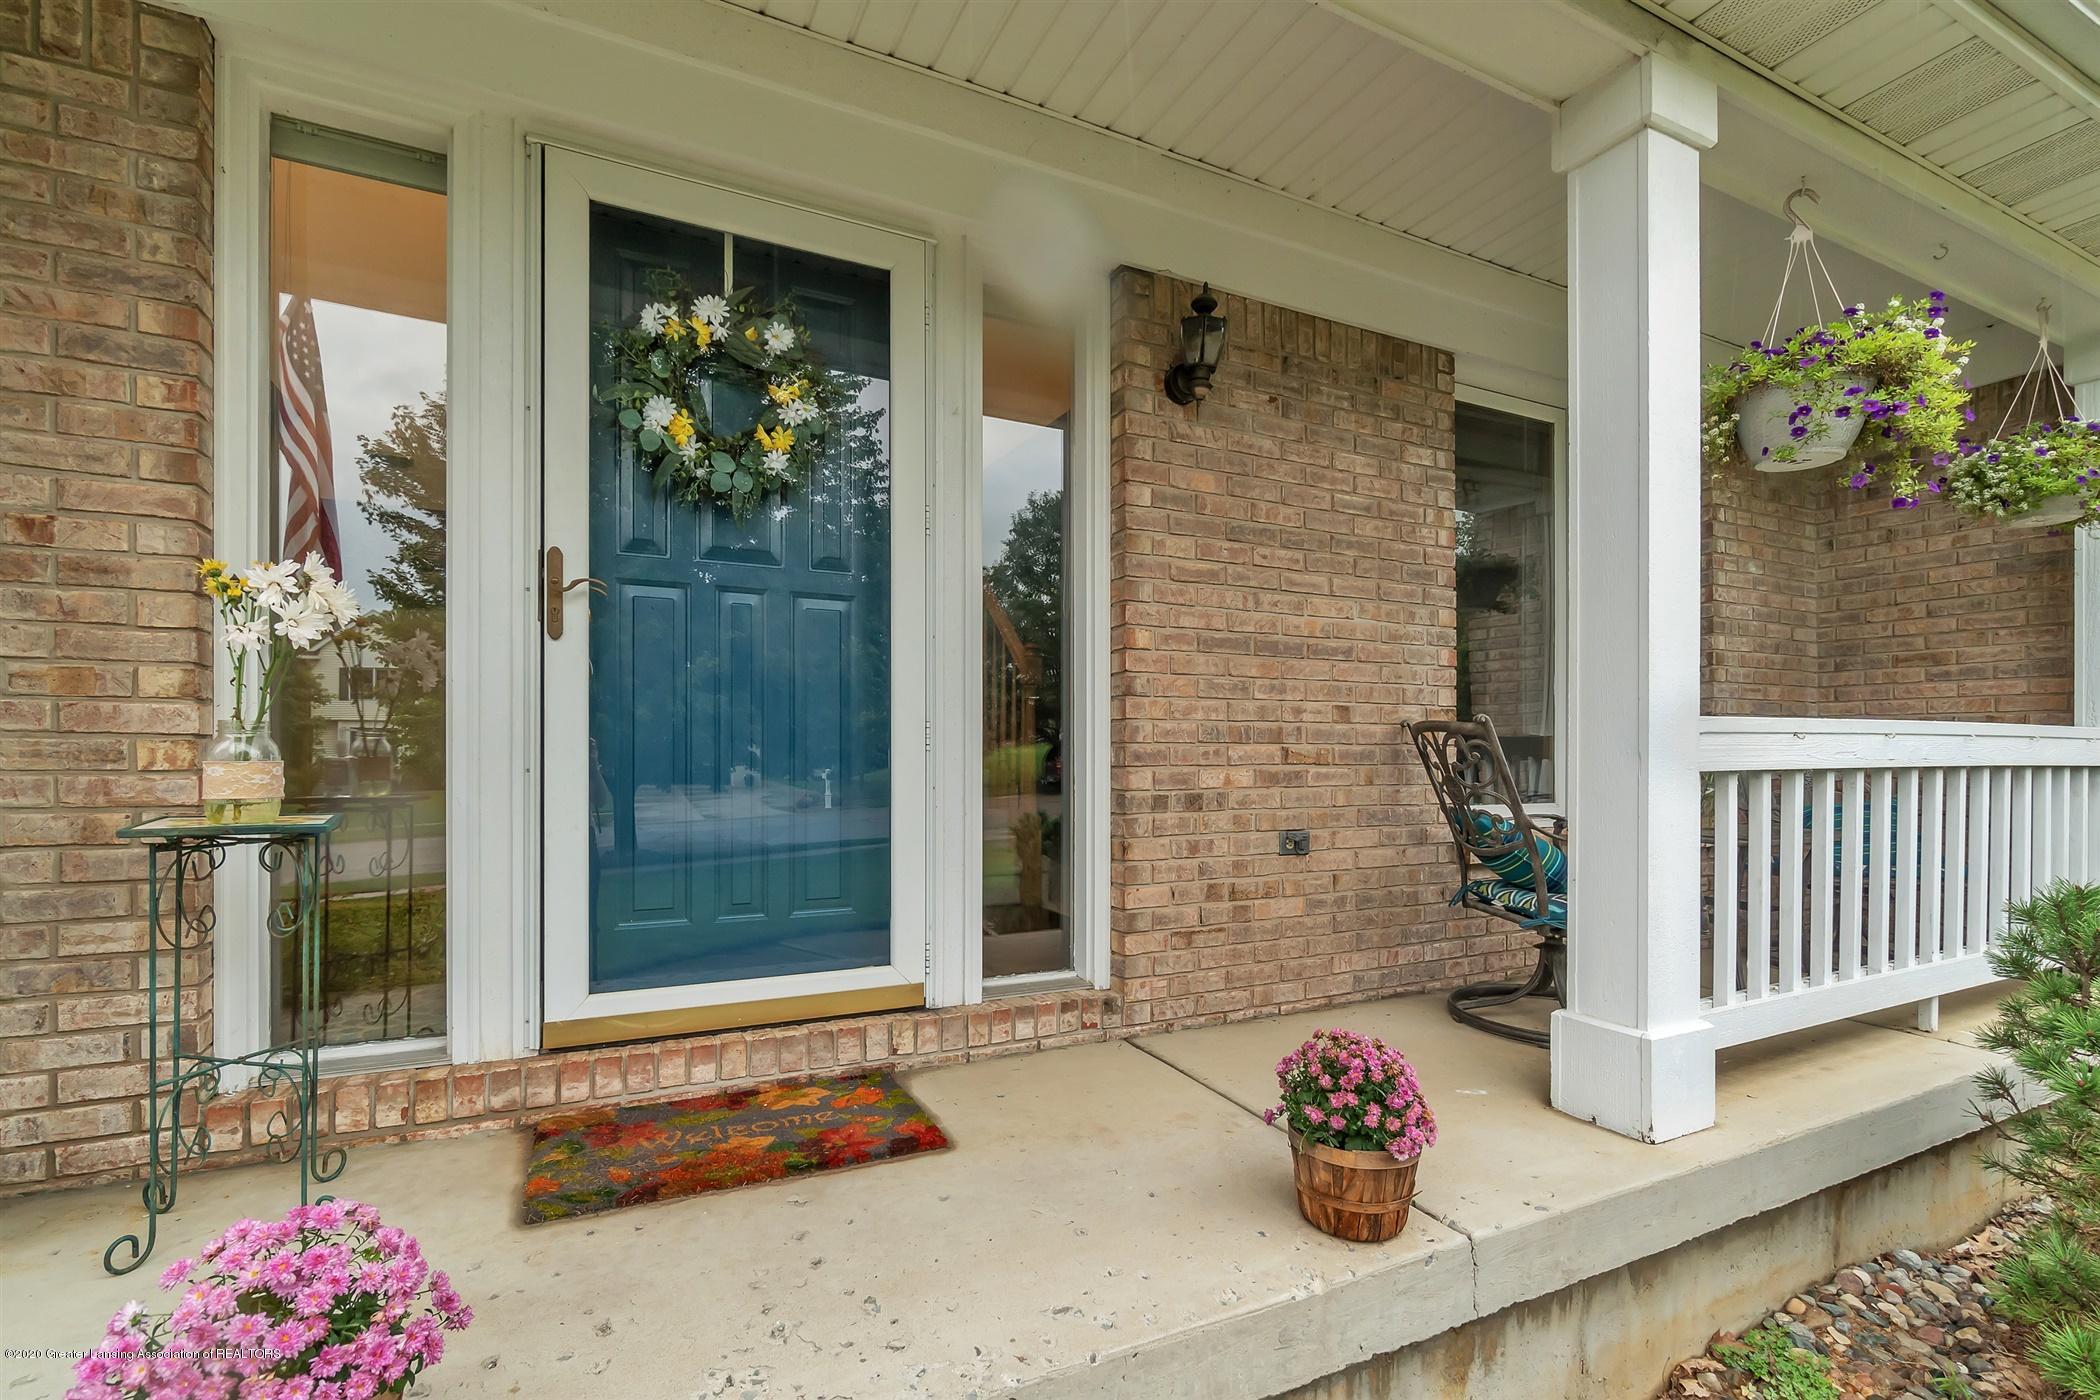 11910 Schavey Rd - 06-11910 Schavey Rd.-windowstill-re - 6